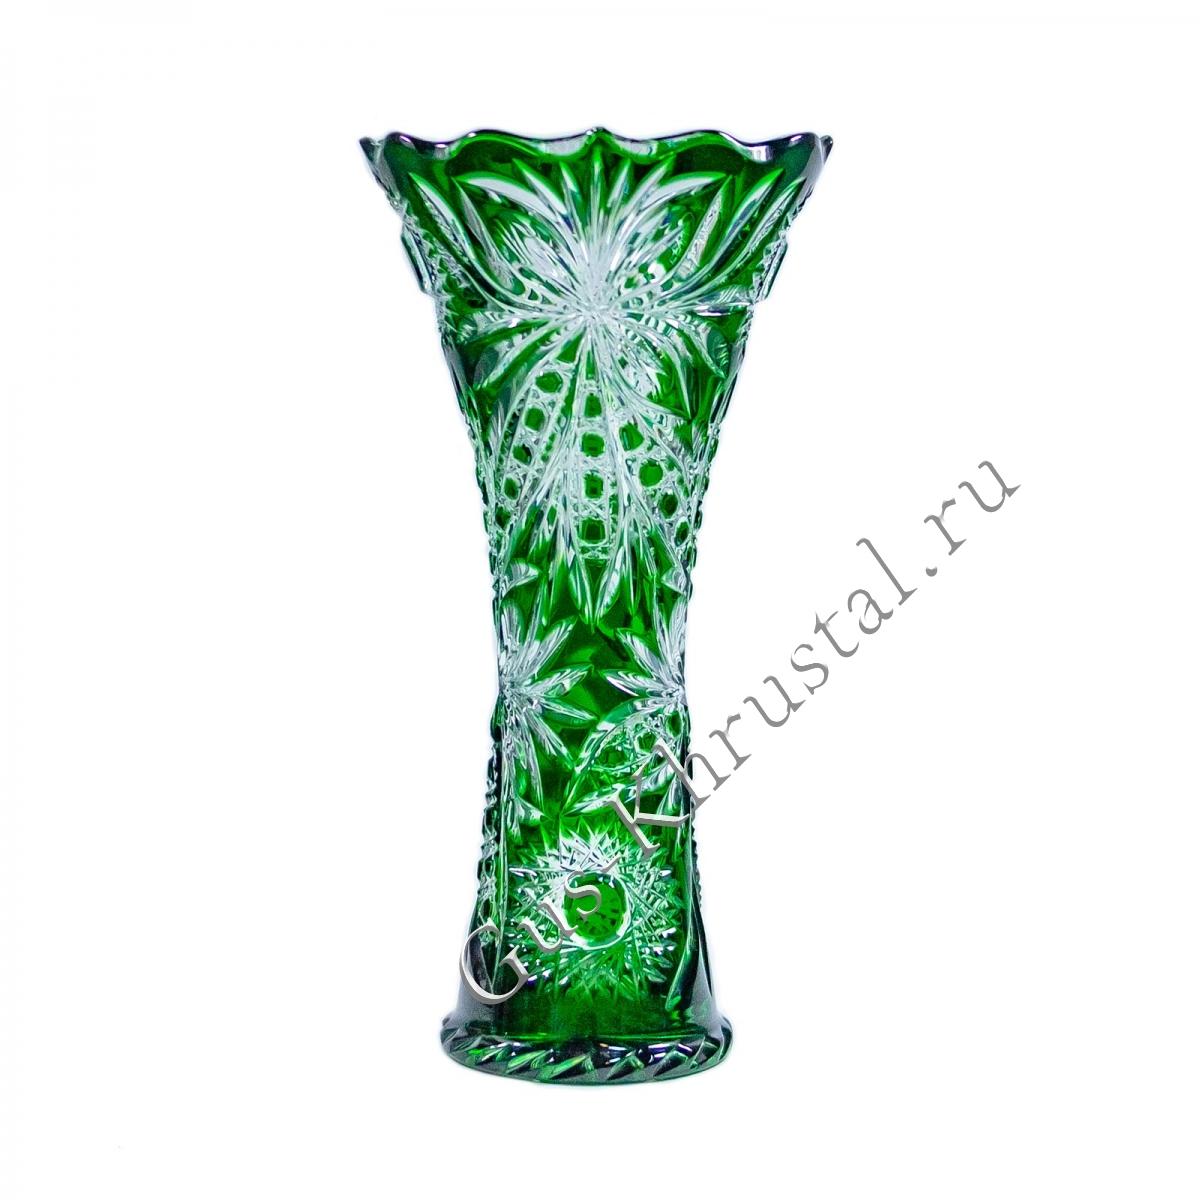 Ваза Хрустальная Для Цветов Лотос зеленая